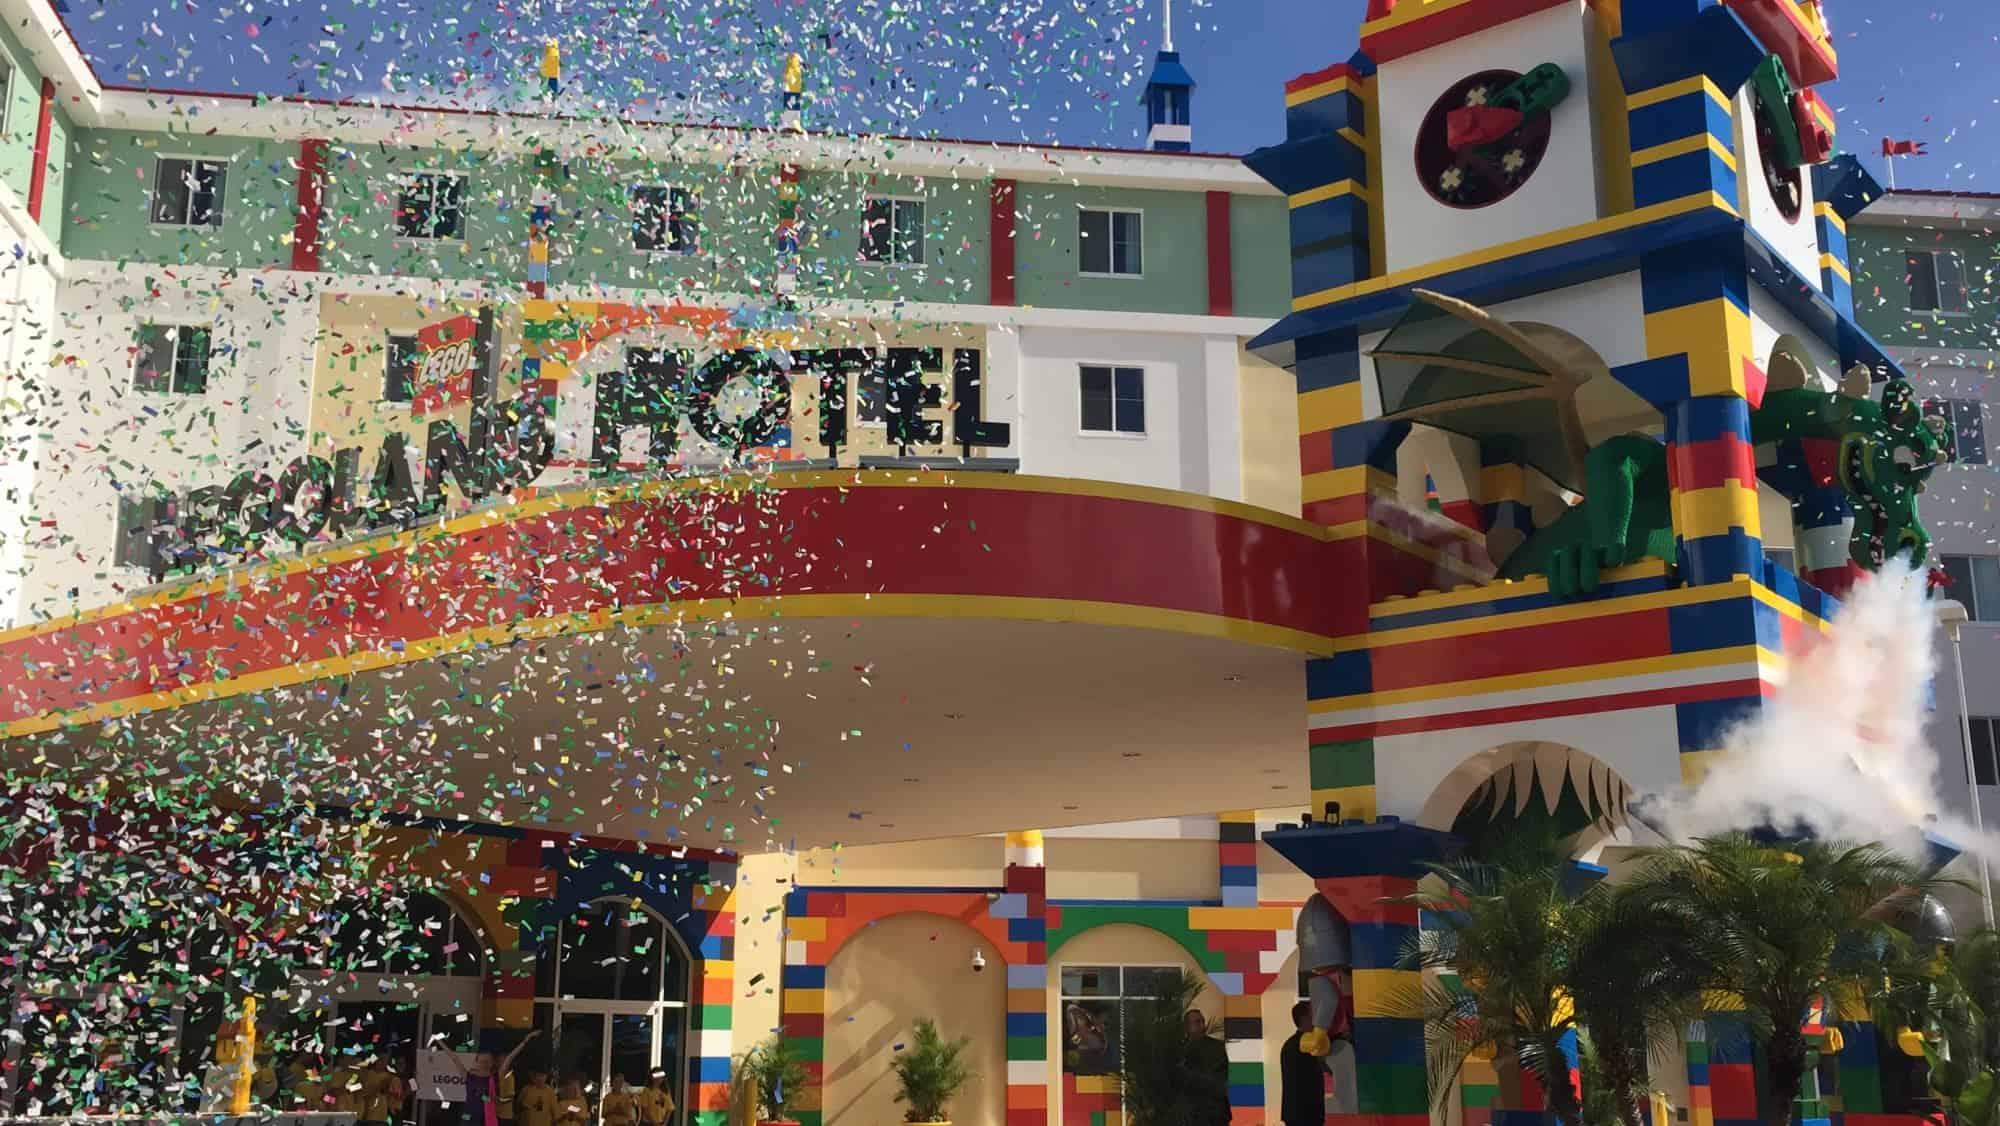 Legoland Hotel Dragon